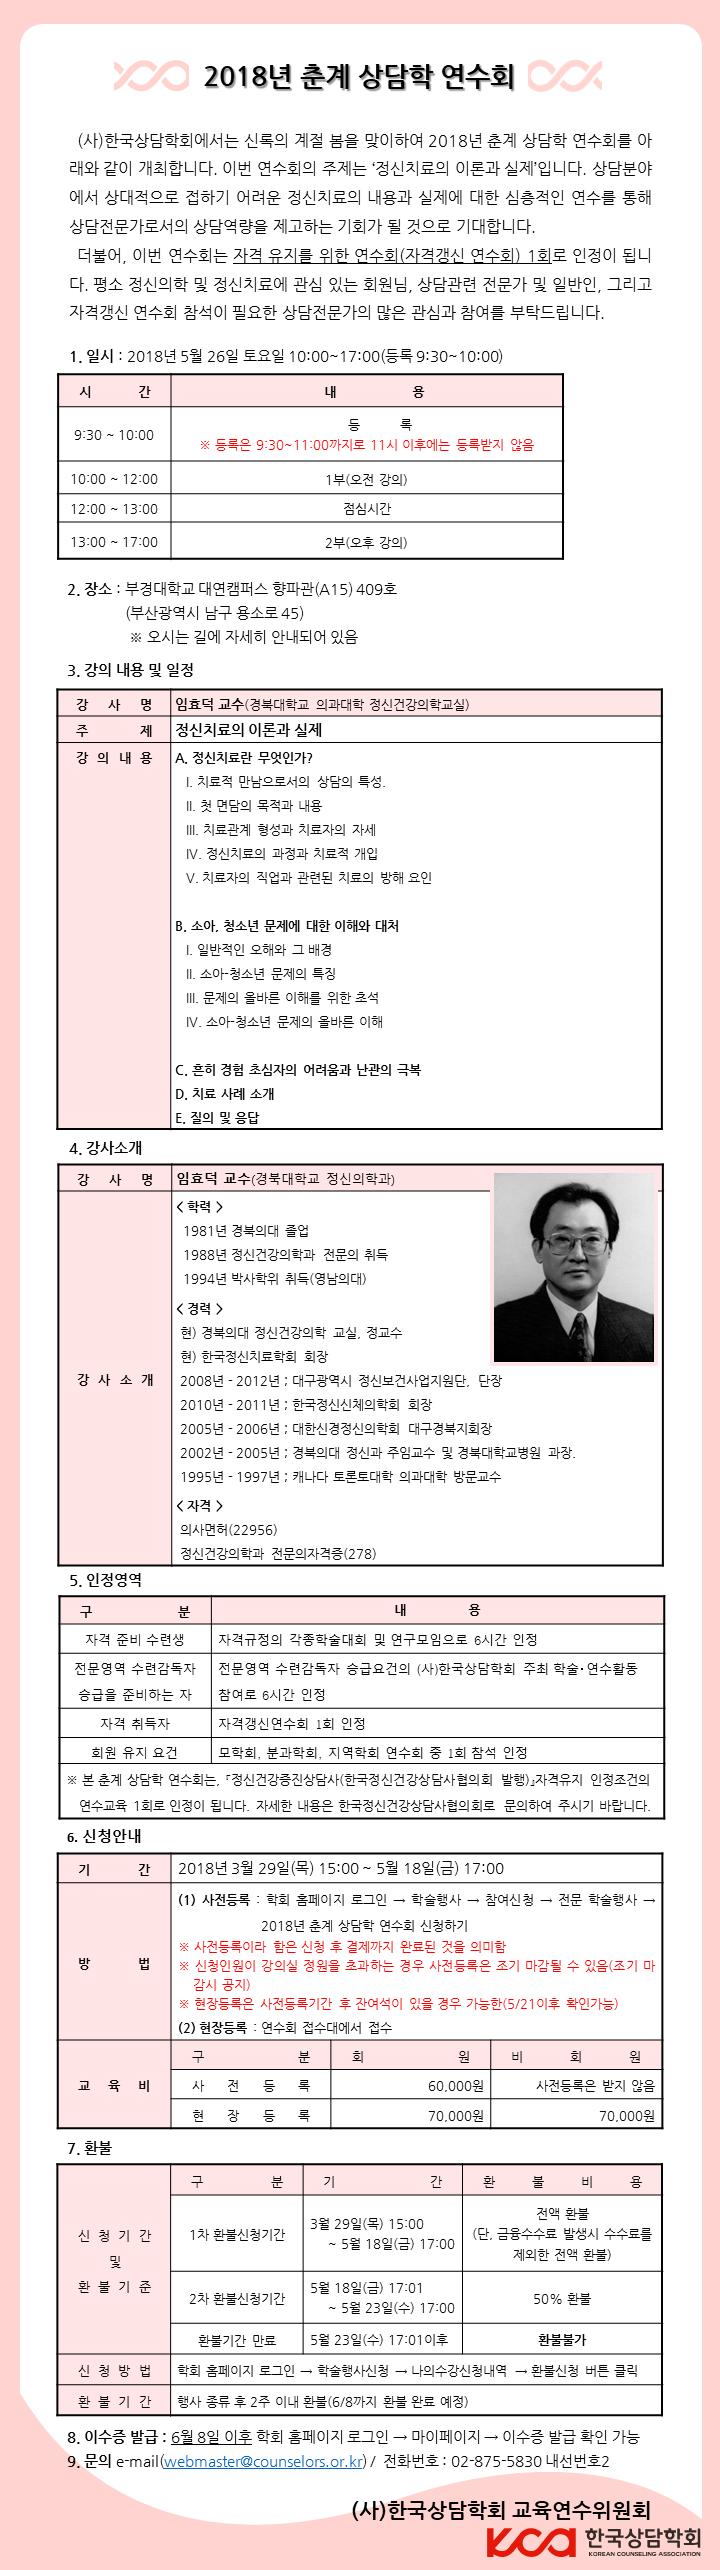 2018년 춘계 상담학 연수회(공지).PNG